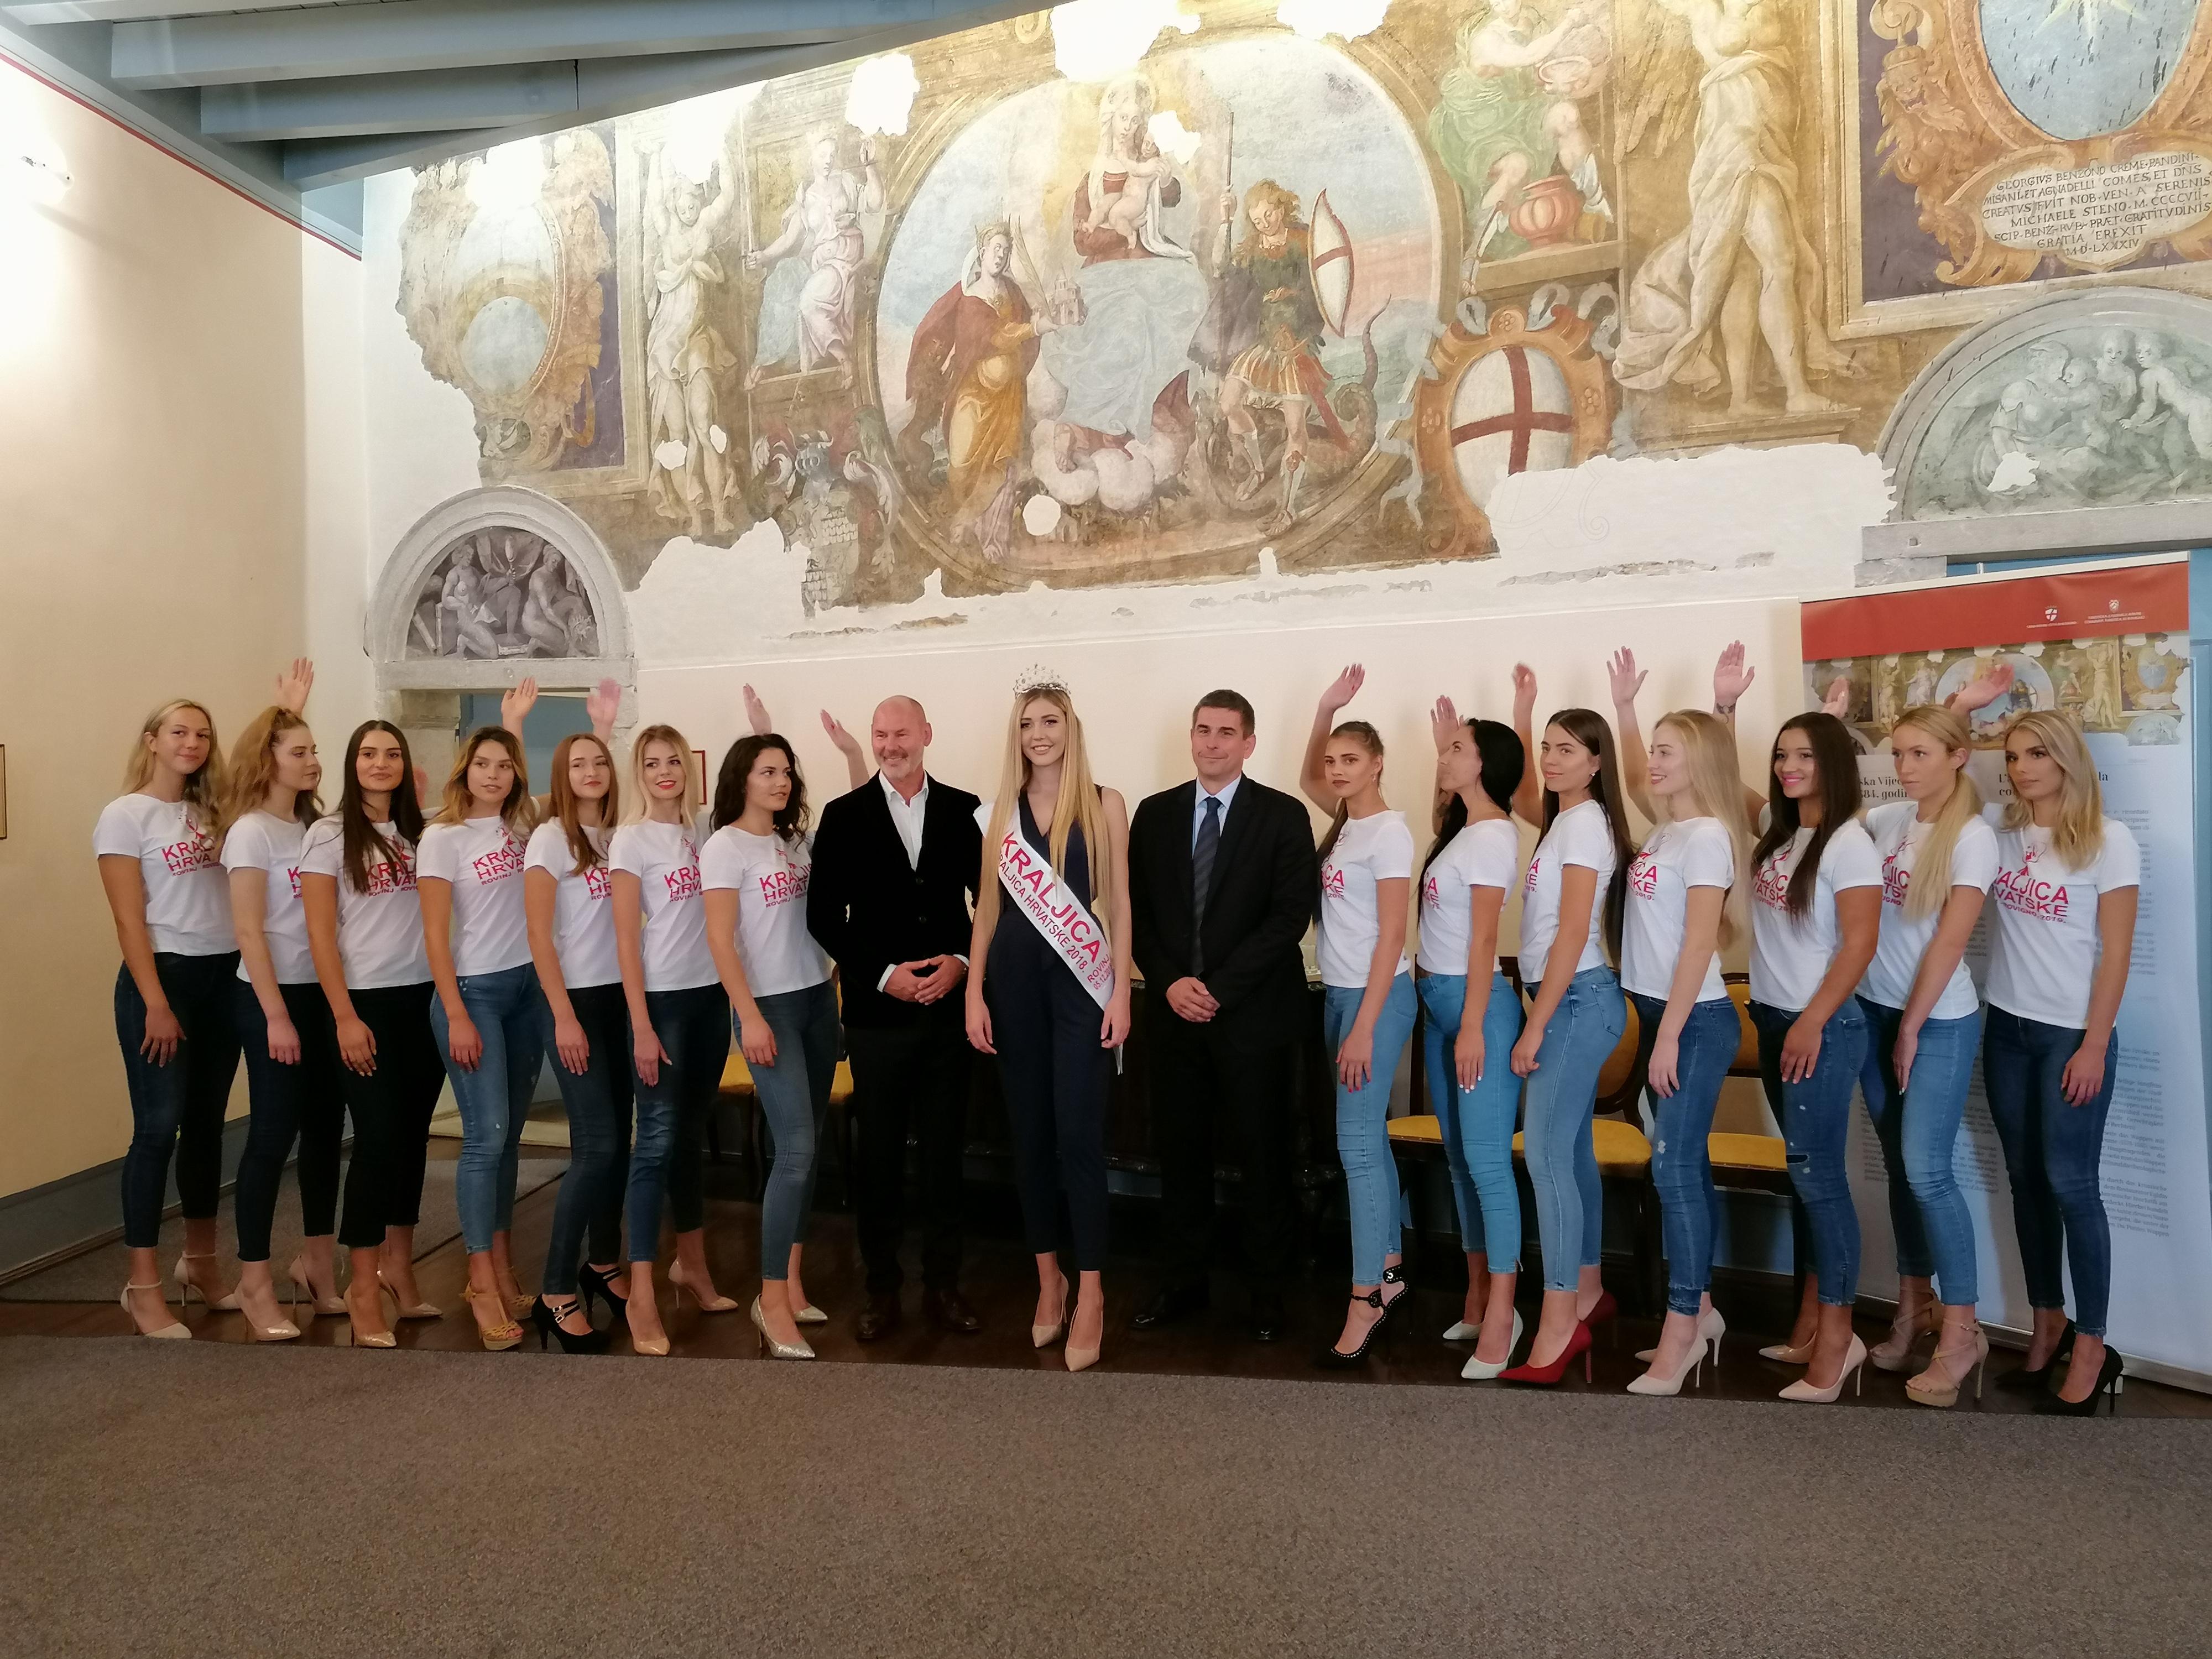 Ricevimento in Municipio per le finaliste del concorso Regina della Croazia